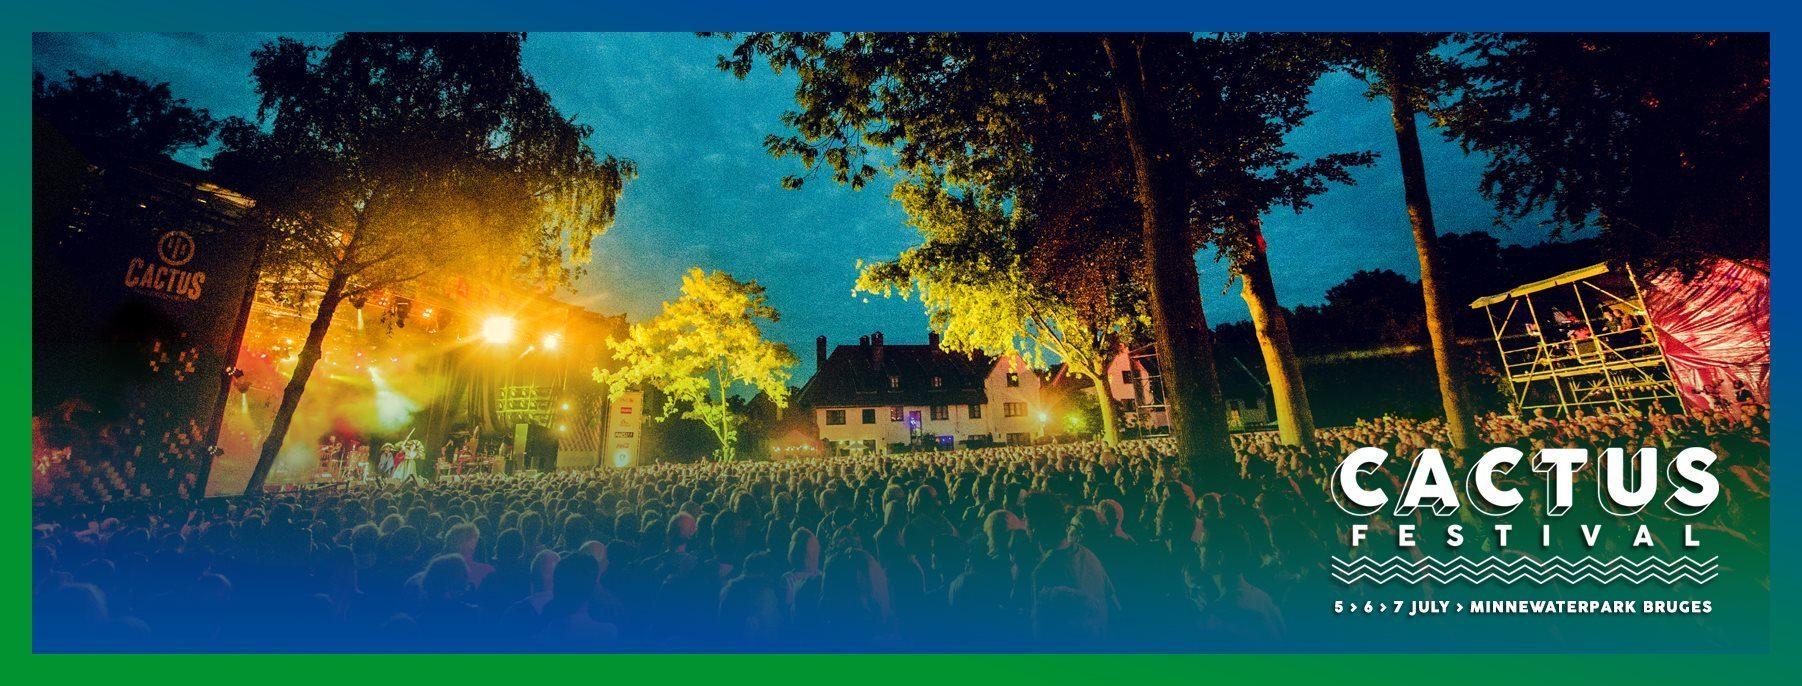 Best Music Festivals in Belgium